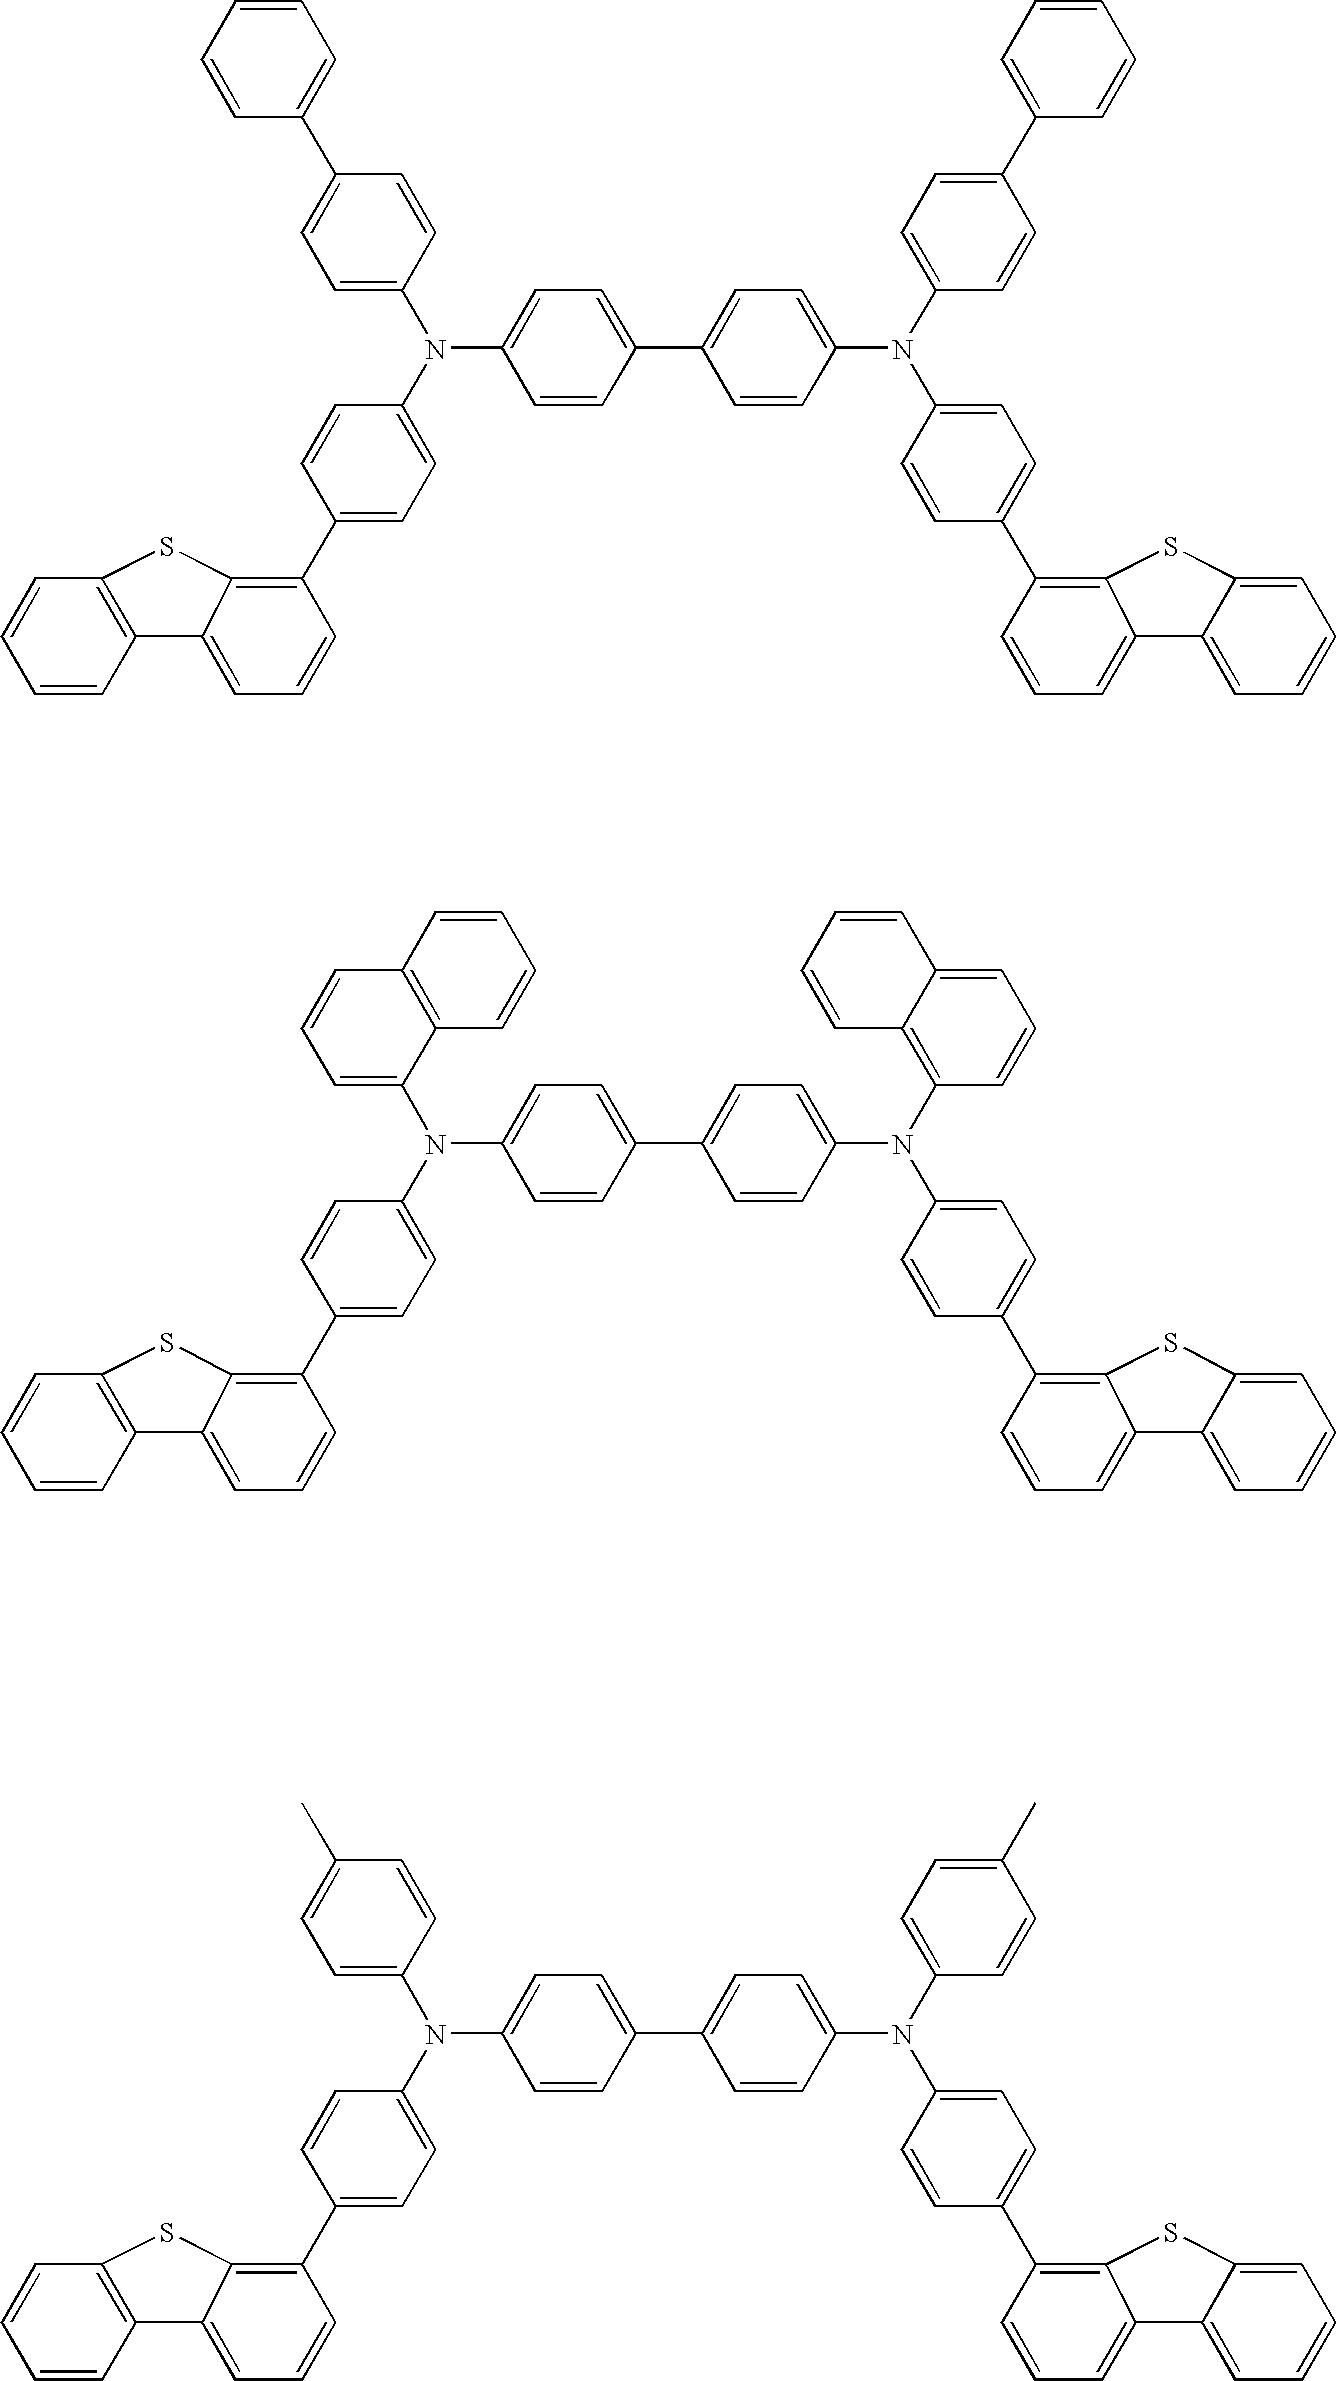 Figure US20070278938A1-20071206-C00019